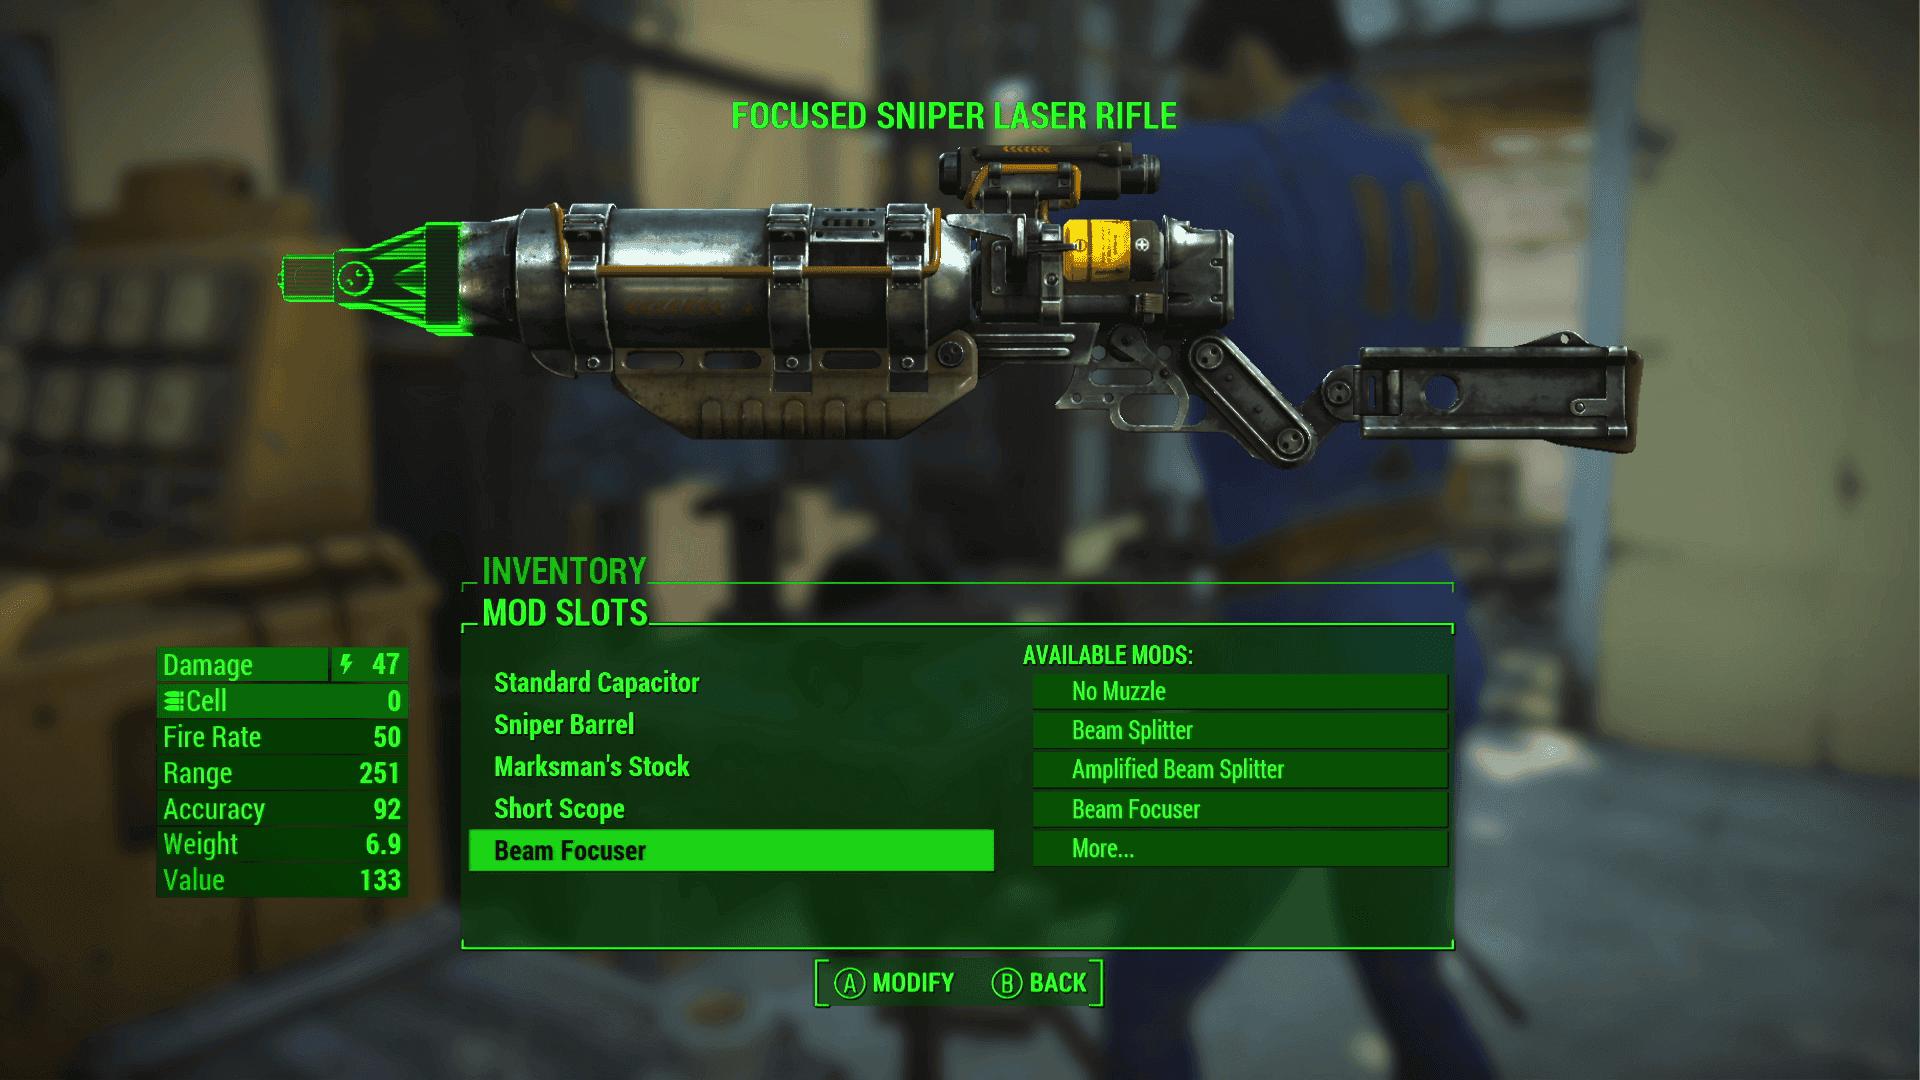 La personalización de armas es uno de los elementos más técnicos del juego